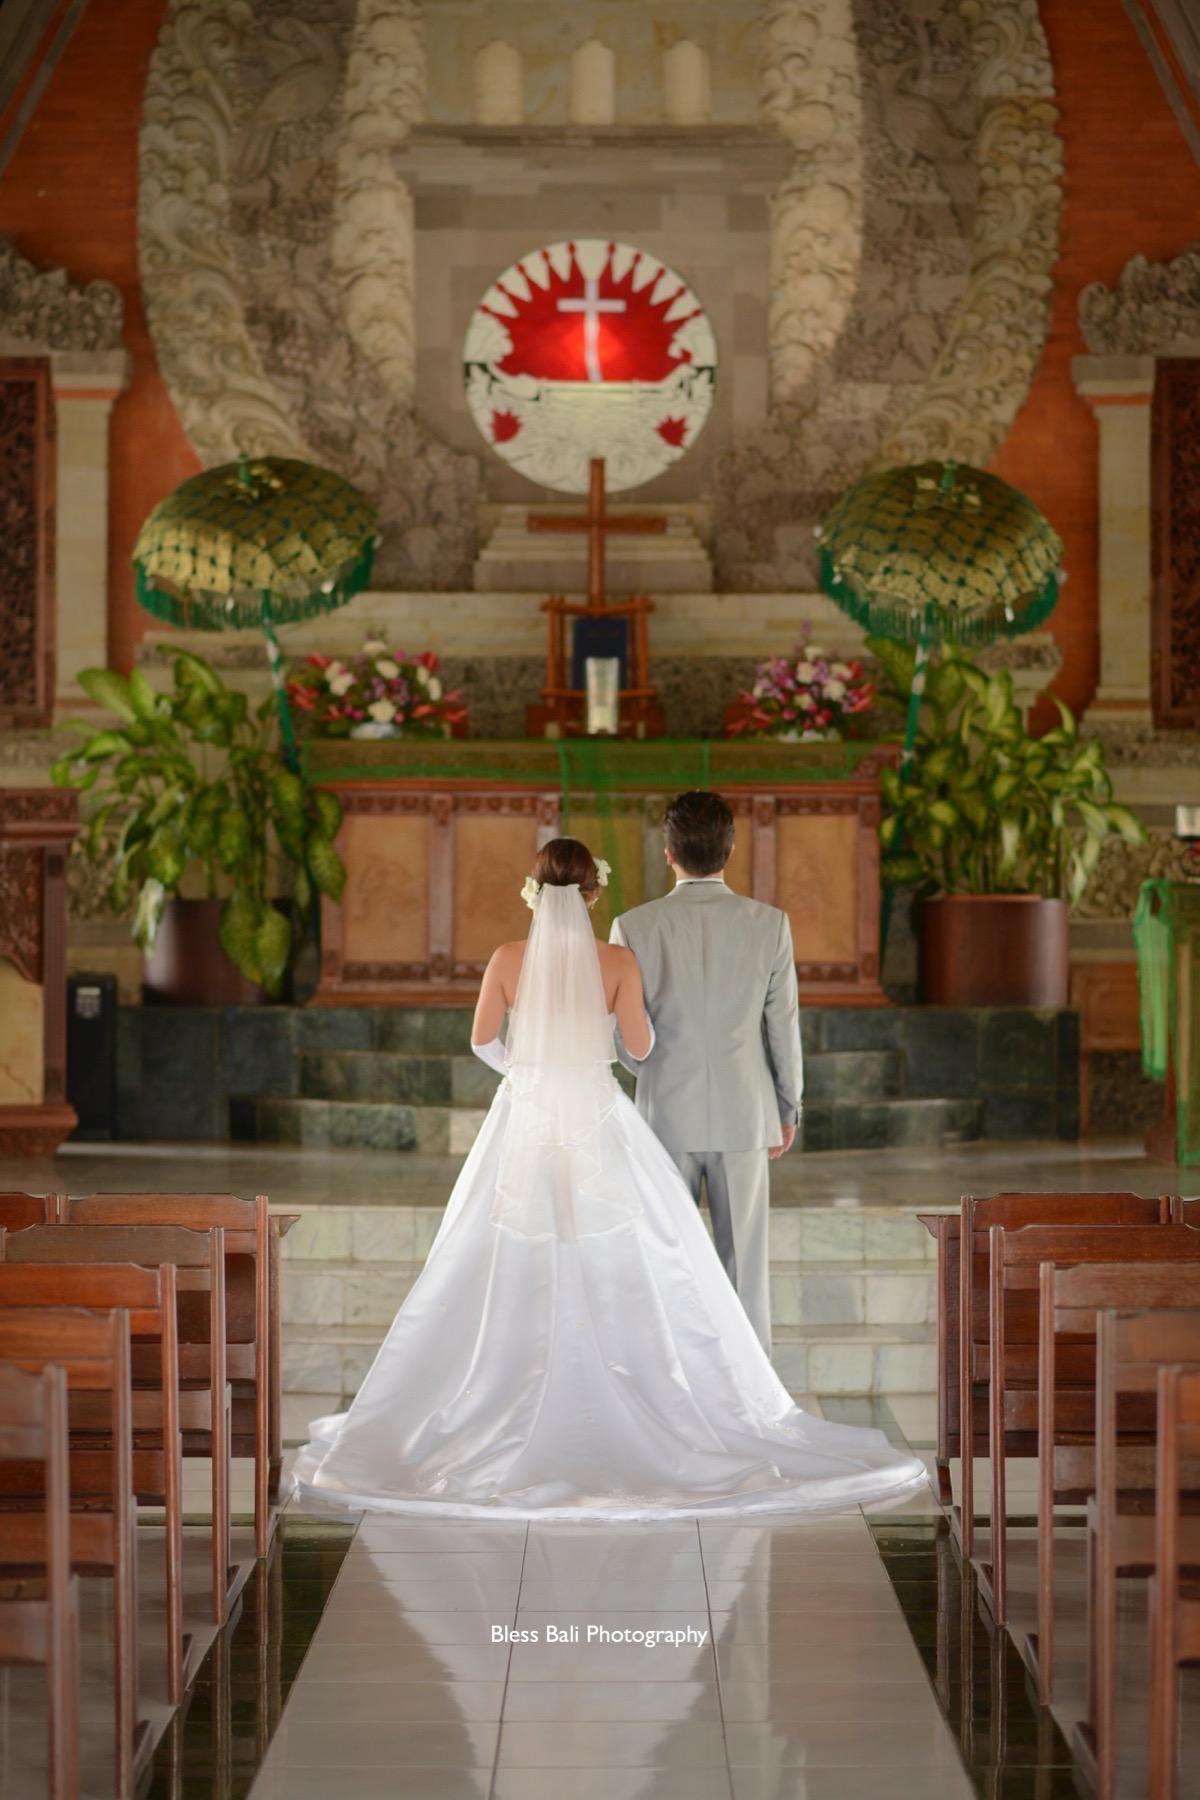 ヌサドゥア教会の祭壇前